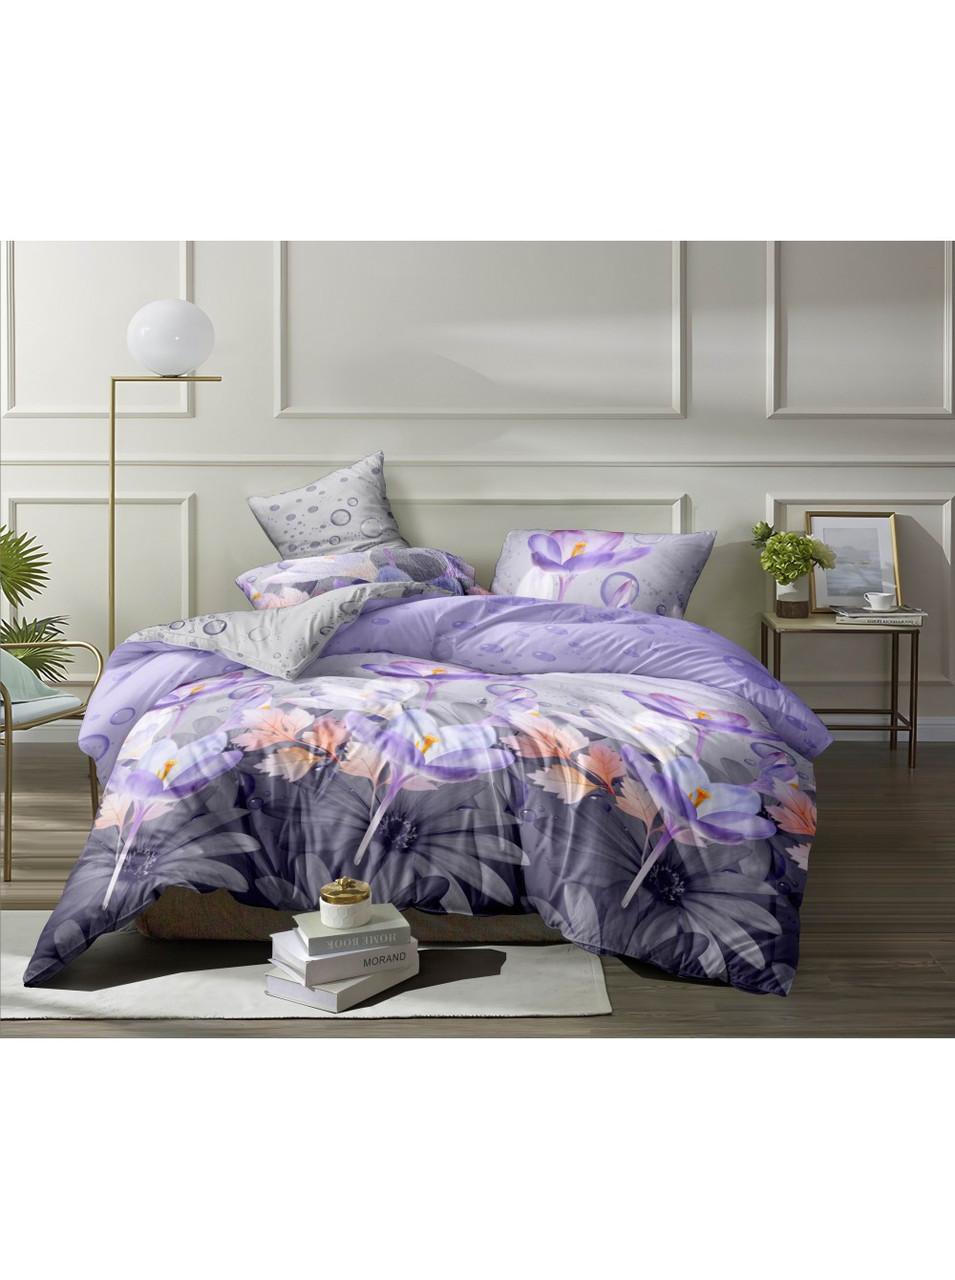 Комплект постельного белья полиэстер Brown